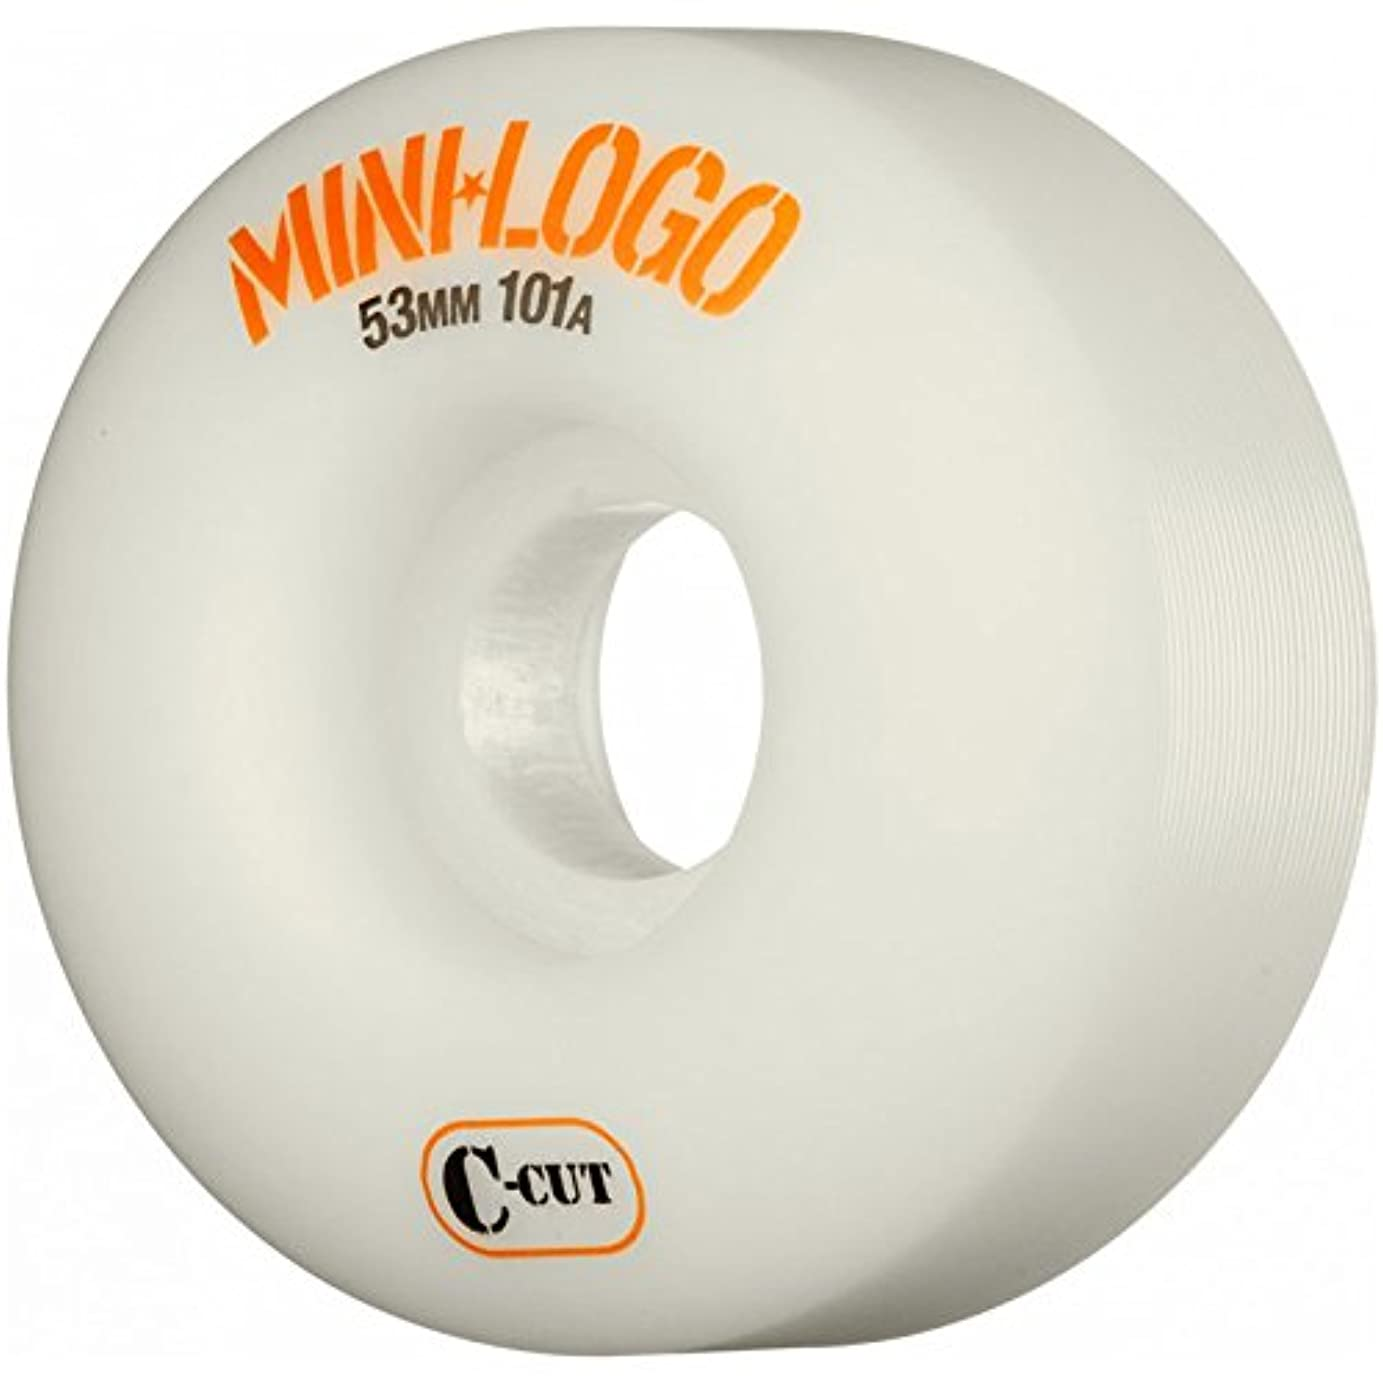 ファイターシルク妖精【Mini Logo】 ミニロゴ 【Mini Logo Wheel C-cut 53mm 101A】 White SKATEBOARD スケボー ウィール Mini-logo